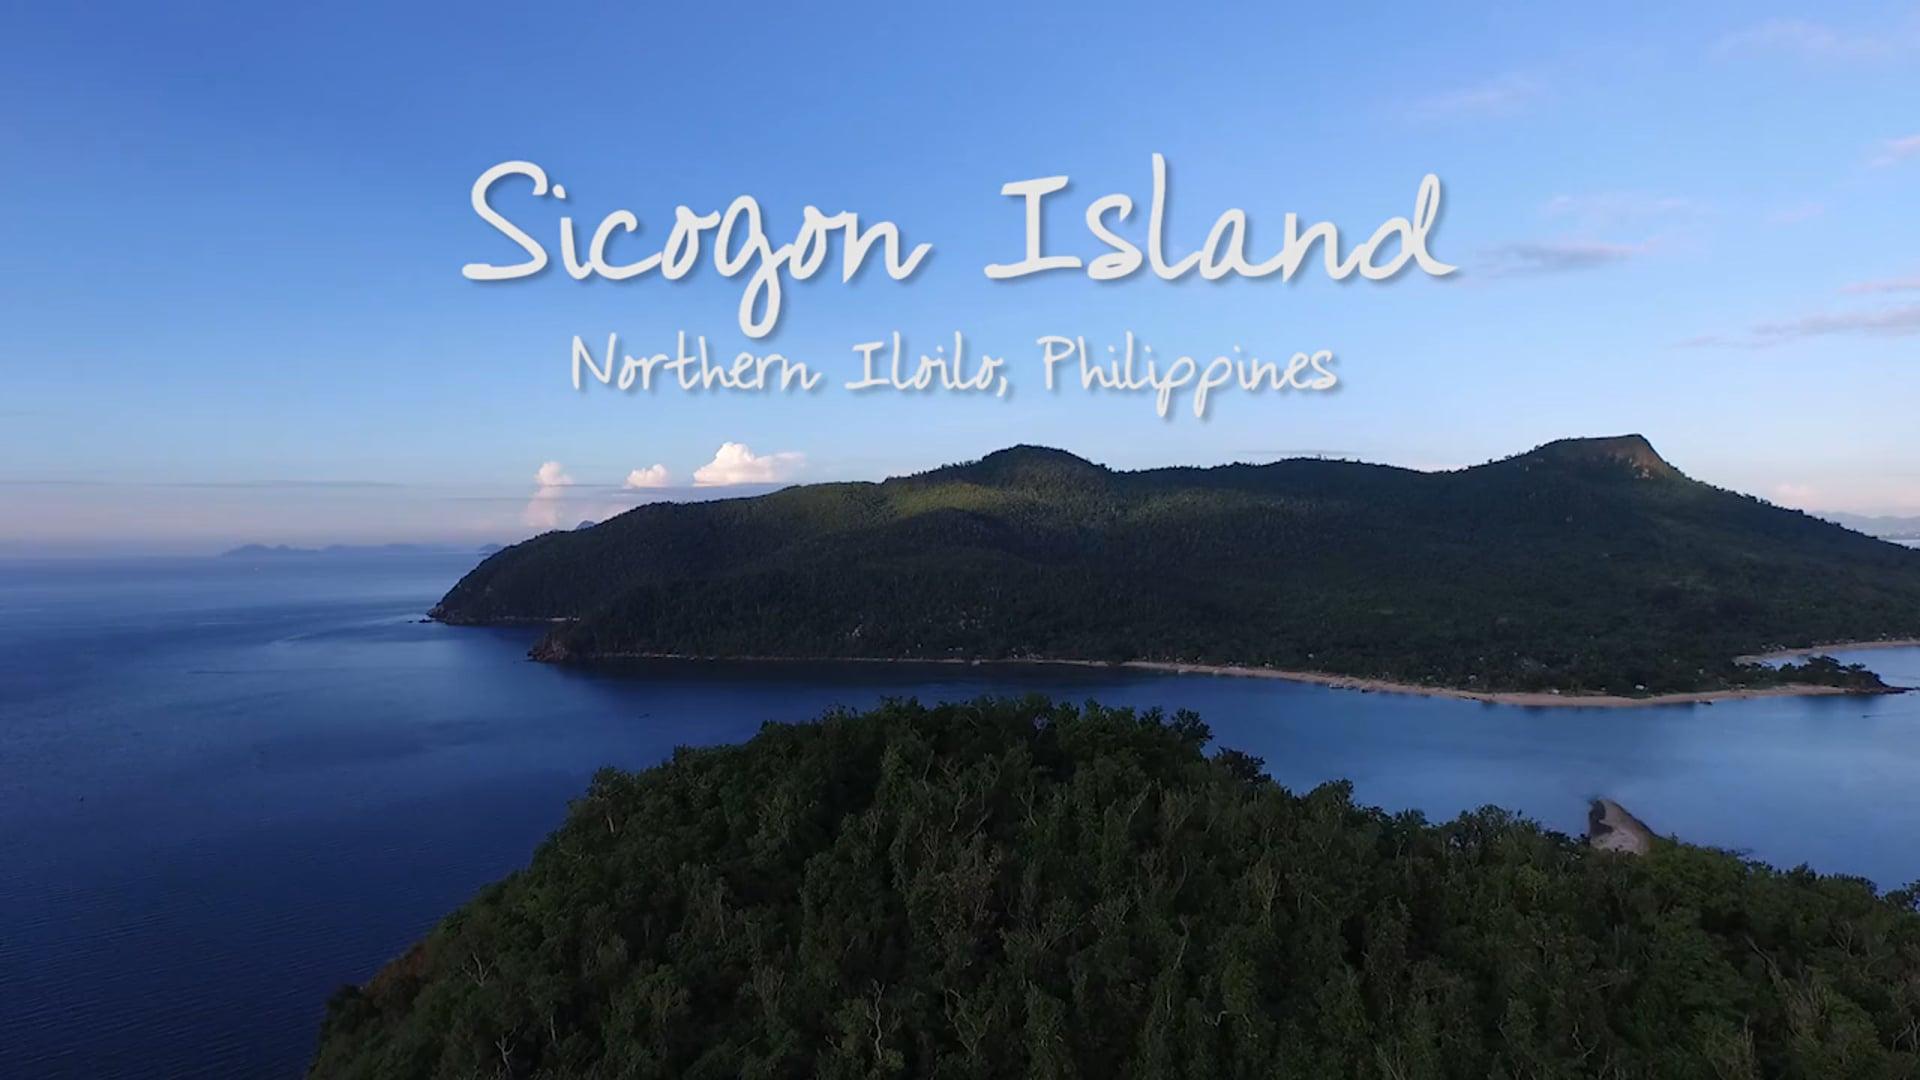 Experience Sicogon Island, Iloilo, Philippines